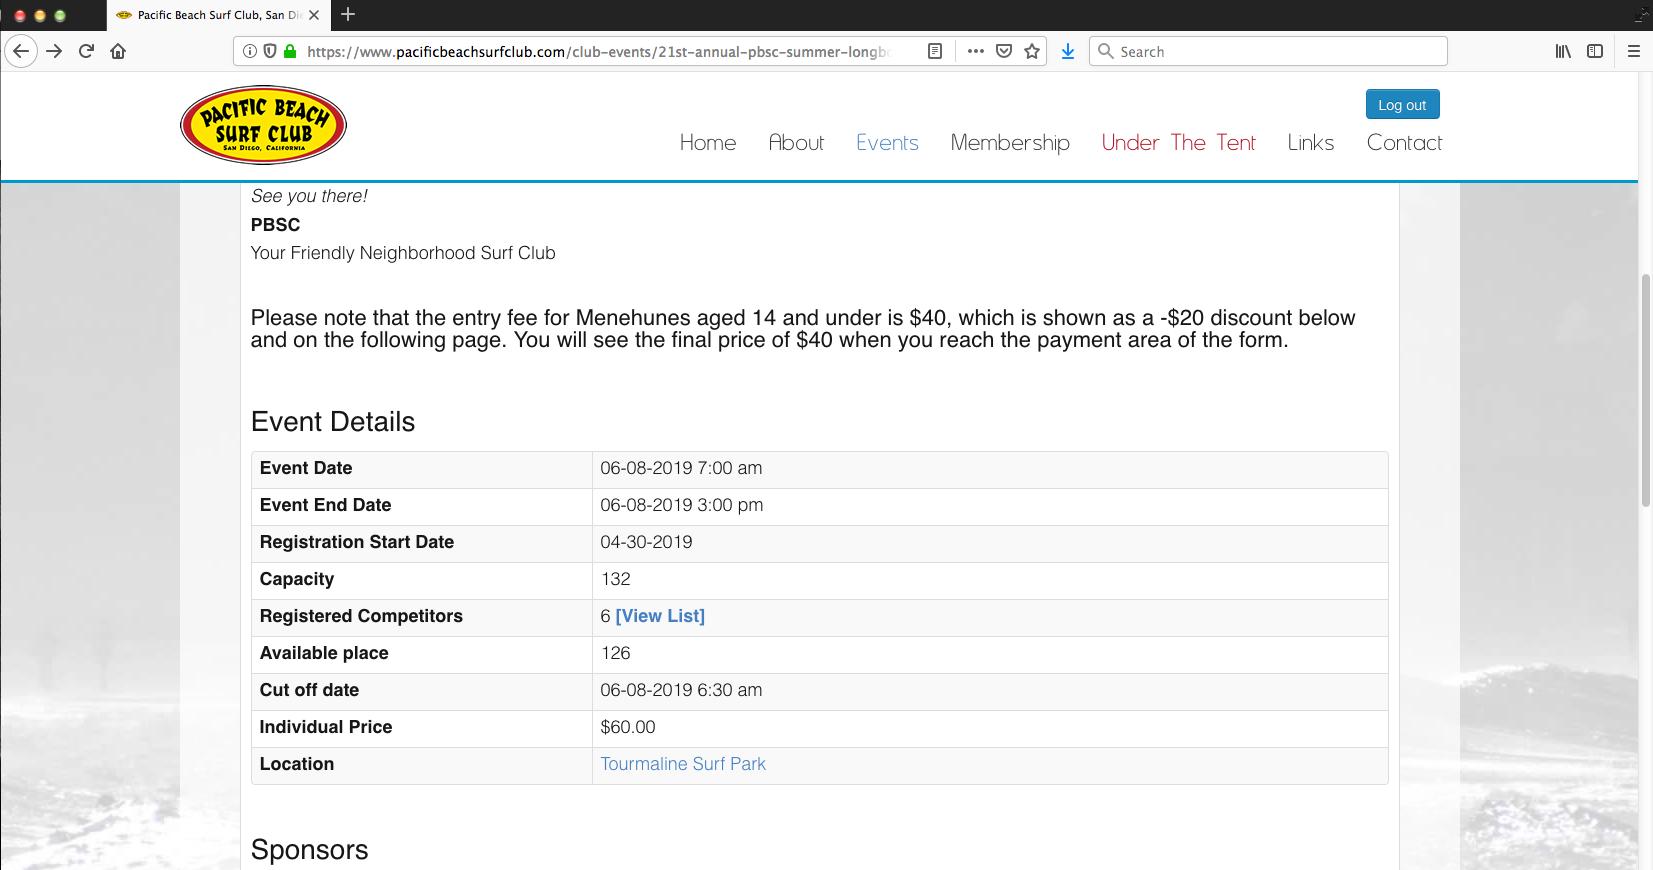 screenshot2019-05-06at9.36.46AM.png